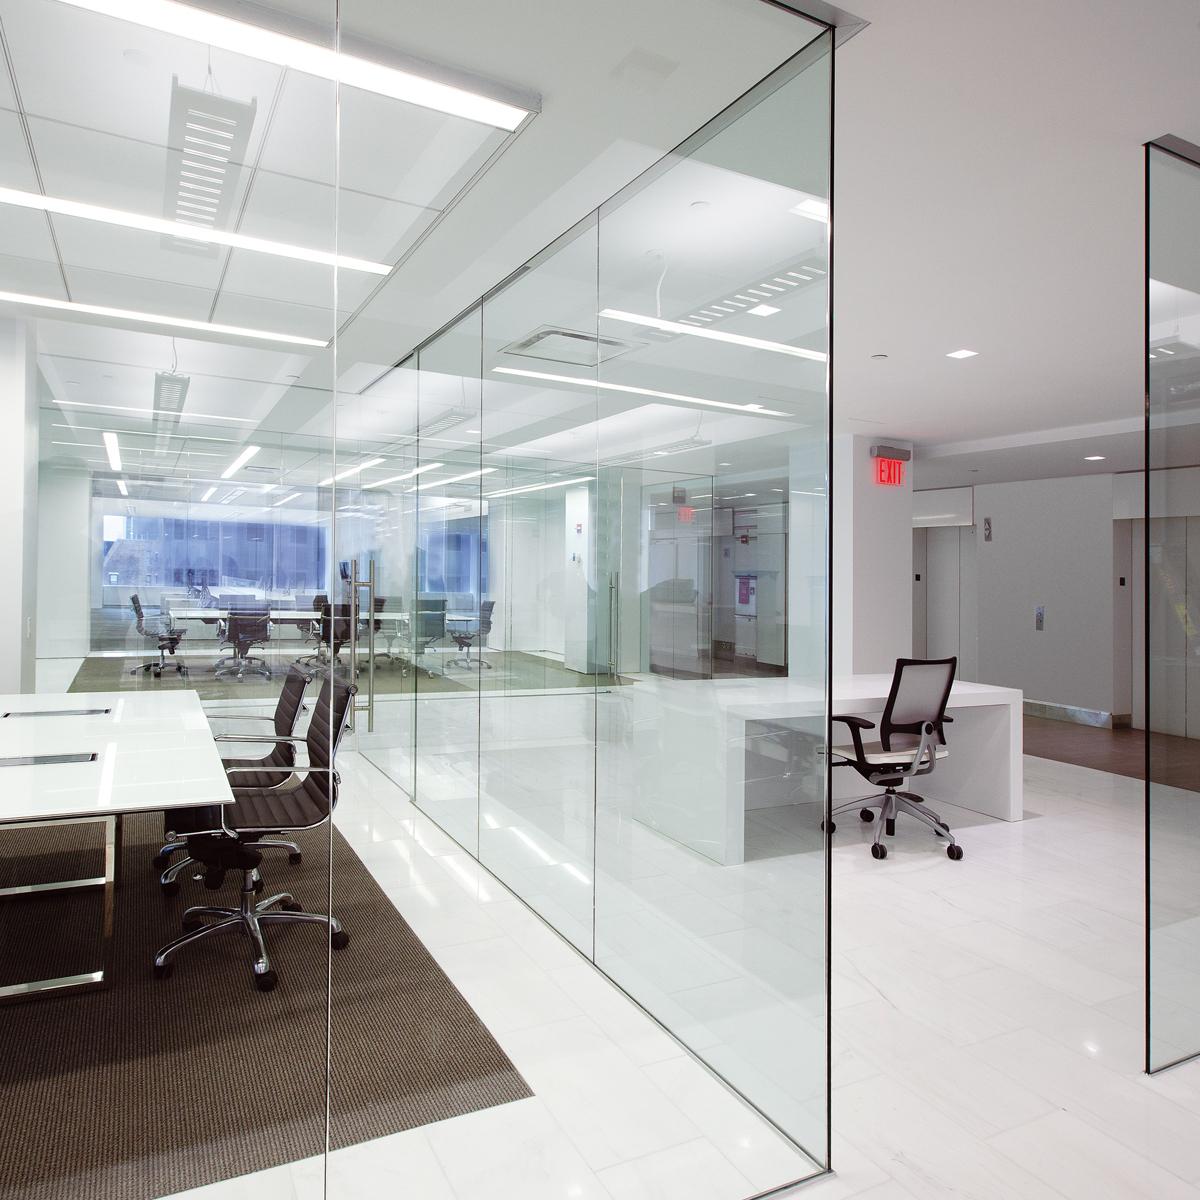 شیشه کرکره ای | شیشه پرینت | شیشه جام بزرگ | شیشه خم ویترینی | دروین گروپ